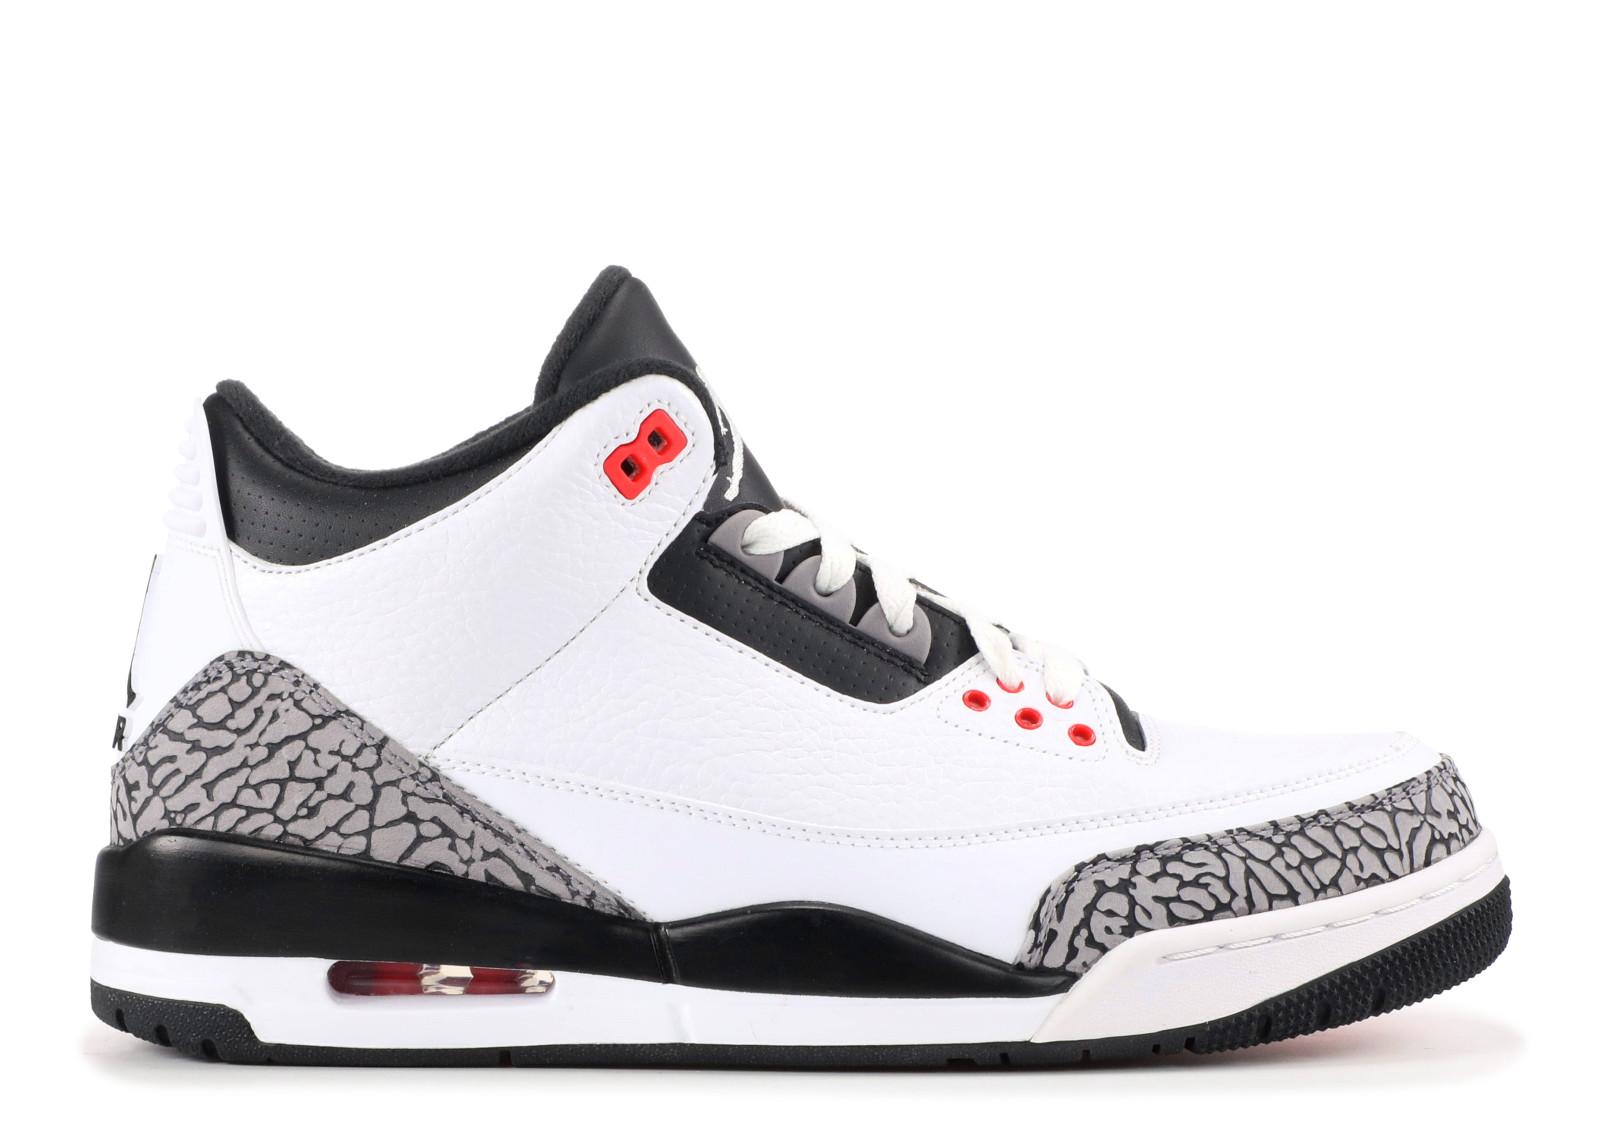 8a8d6487909530 Kick Avenue - Authentic Sneakers